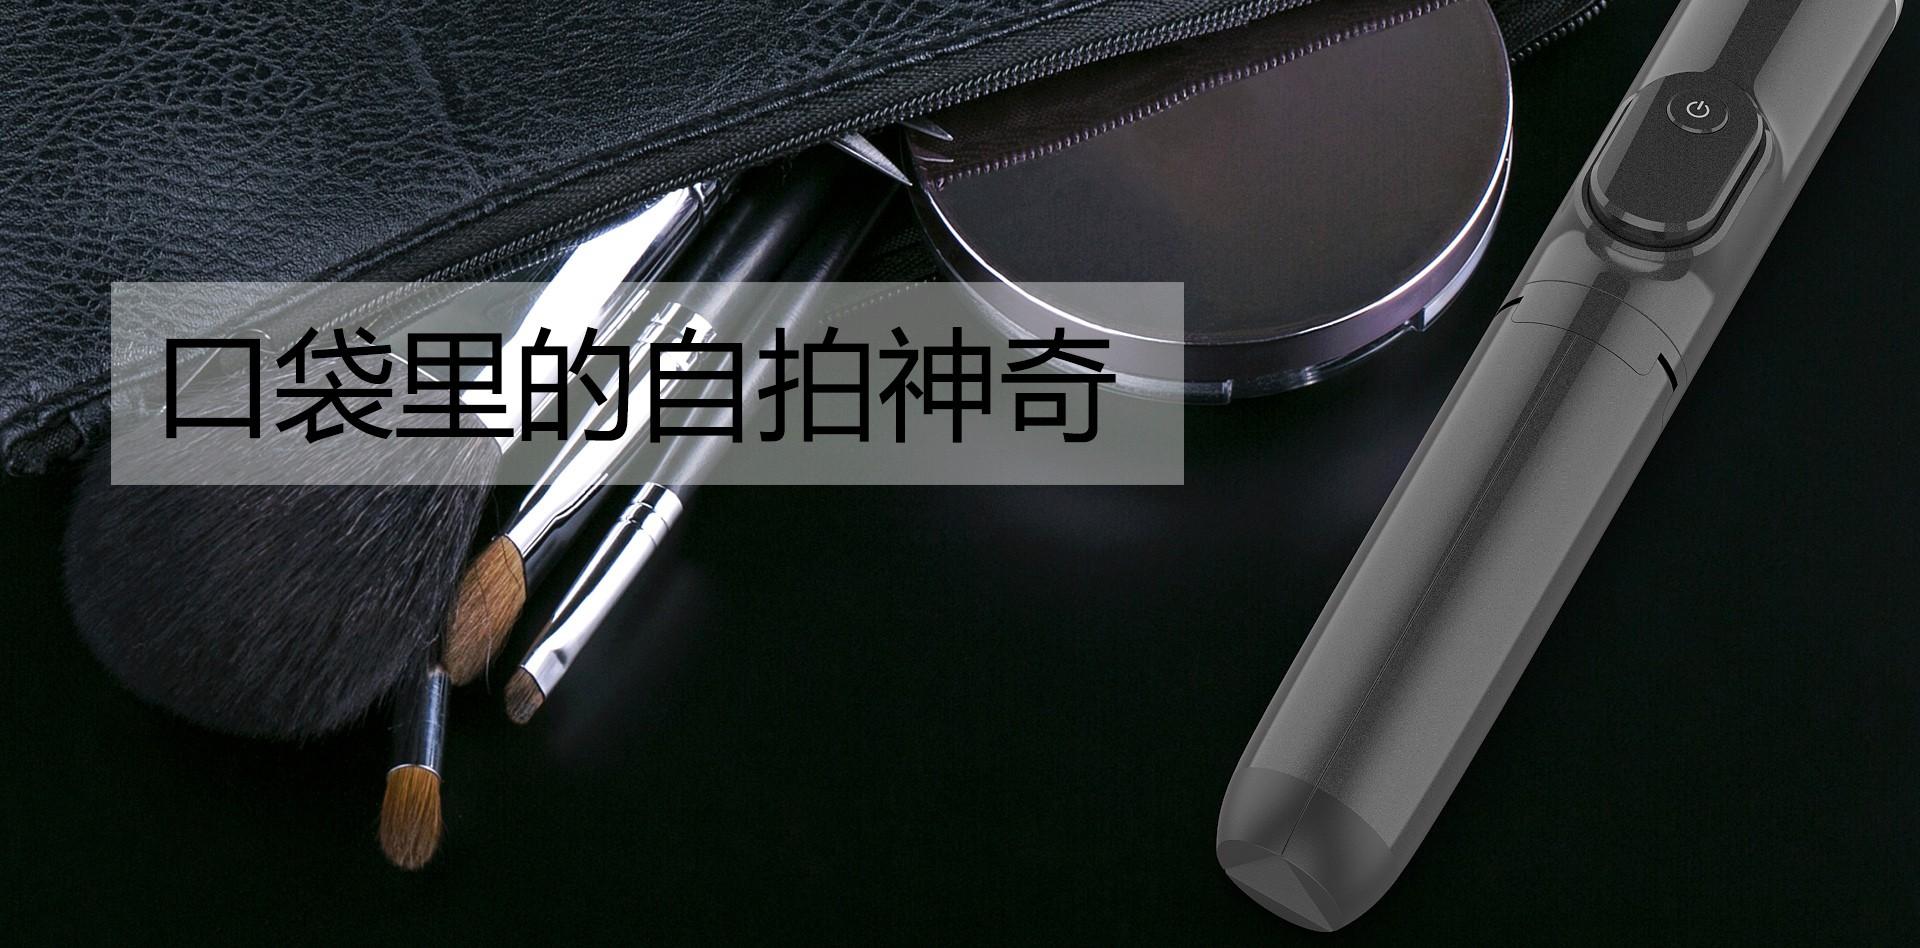 深圳工业设计_产品外观设计公司